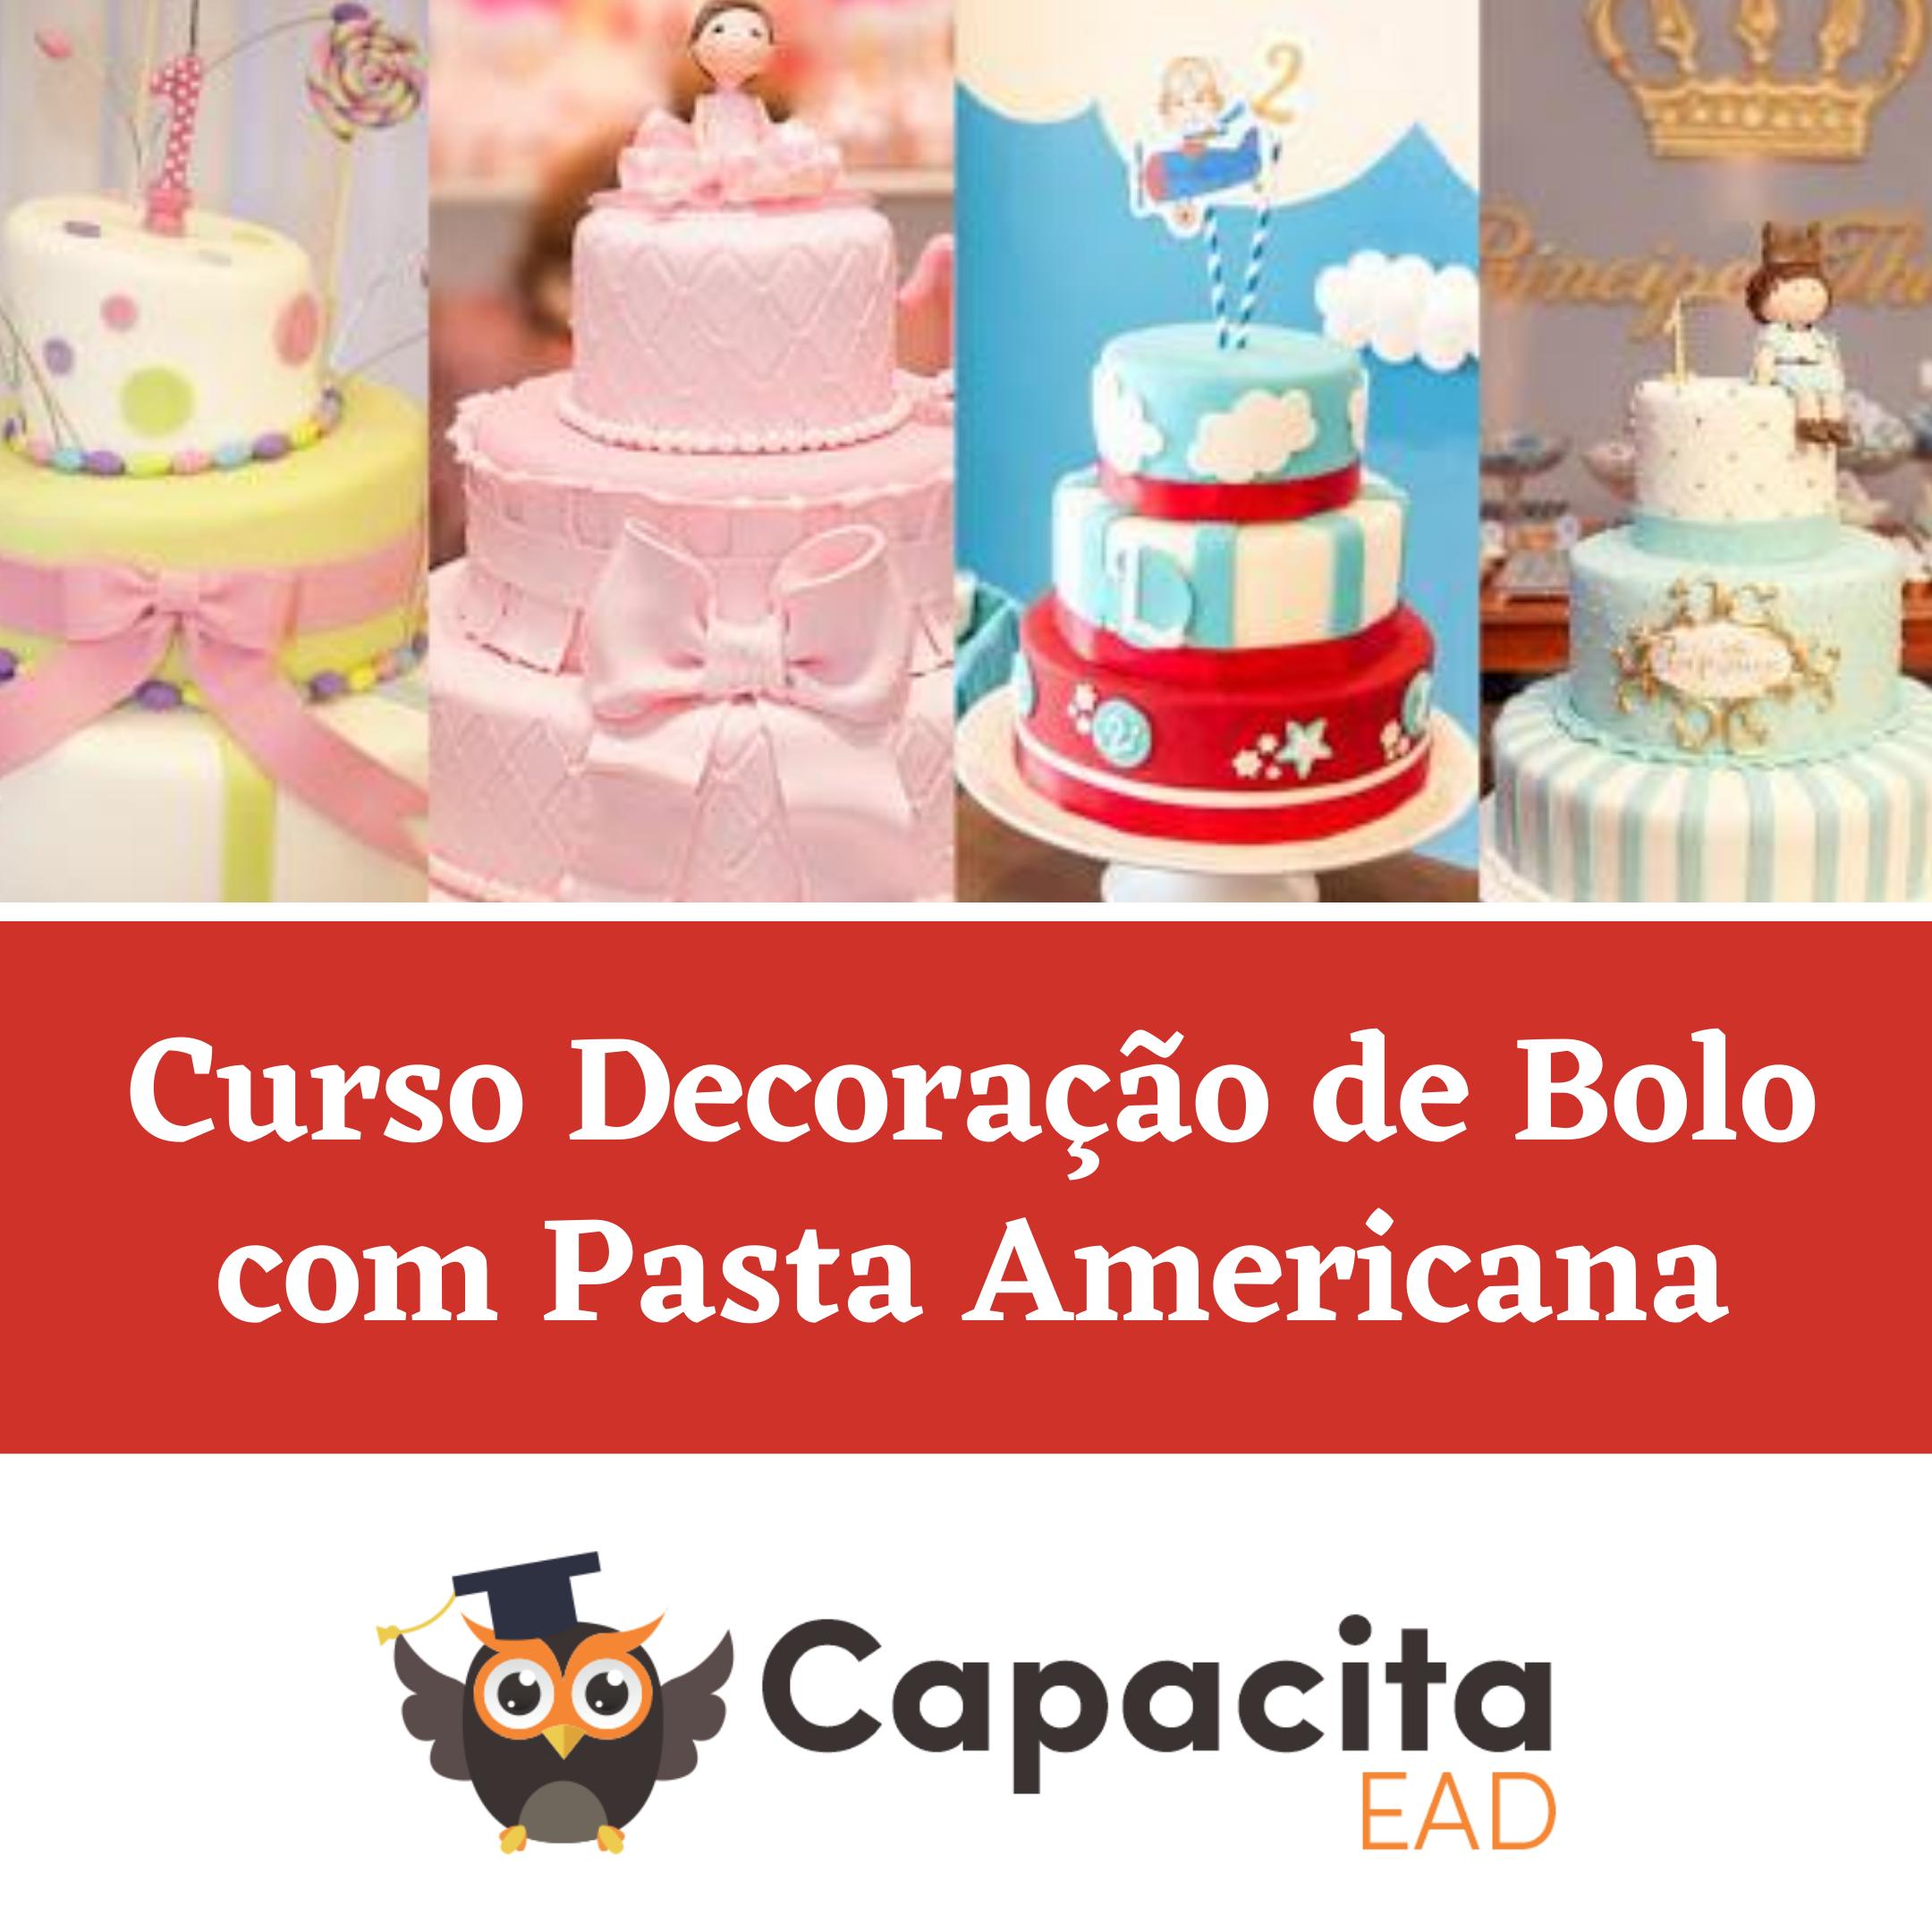 Curso Decoração de Bolo com Pasta Americana